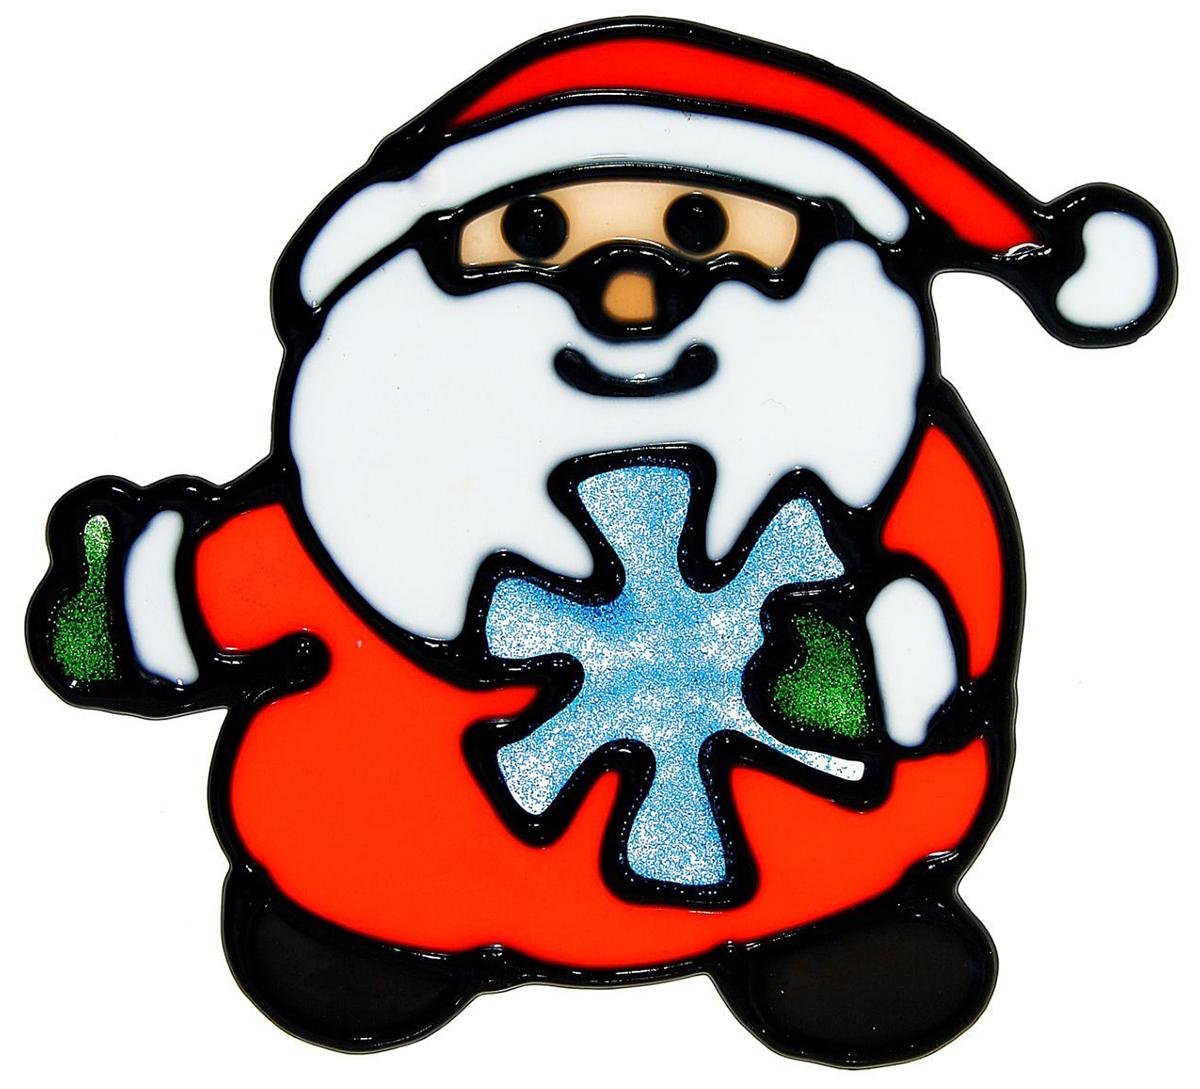 Украшение новогоднее оконное NoName Дед Мороз со снежинкой, 11,5 х 12,5 см1113550Новогоднее оконное украшение NoName Дед Мороз со снежинкой поможет украсить дом к предстоящим праздникам. Яркая наклейка крепится к гладкой поверхности стекла посредством статического эффекта. С помощью такого украшения вы сможете оживить интерьер по своему вкусу.Новогодние украшения всегда несут в себе волшебство и красоту праздника. Создайте в своем доме атмосферу тепла, веселья и радости, украшая его всей семьей.